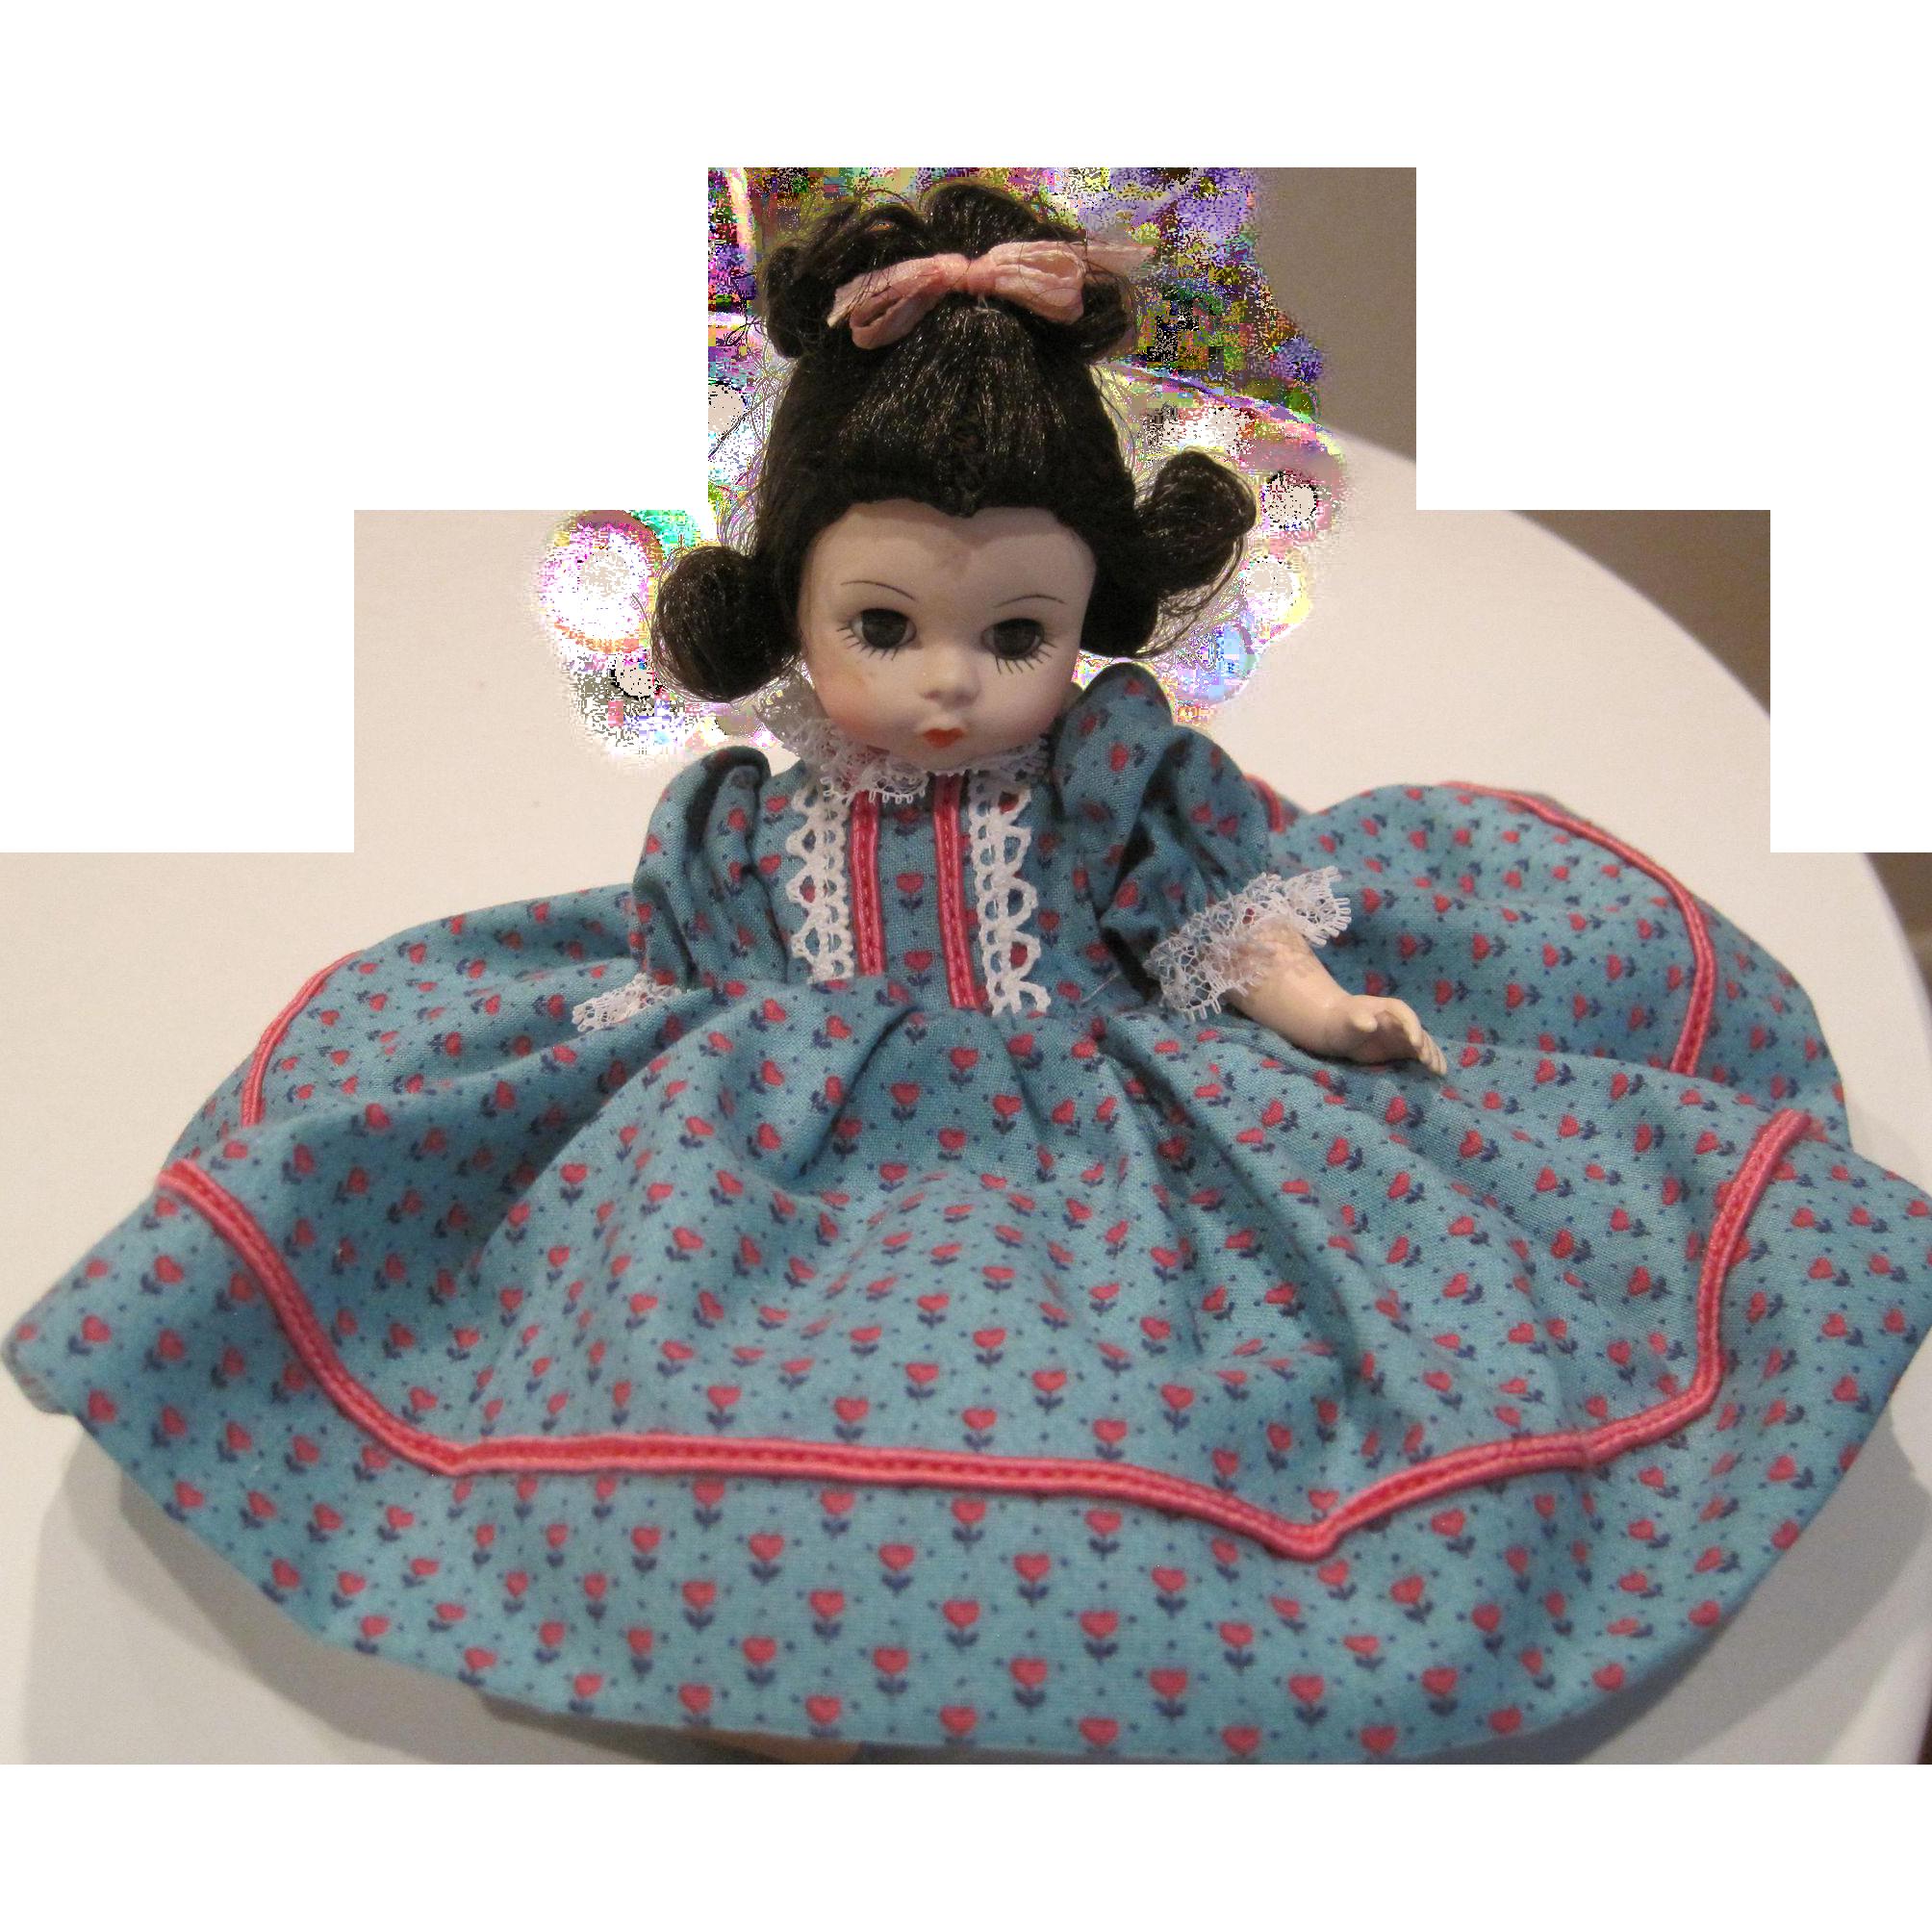 Vintage Madam Alexander Beth 412 from Little Women Series